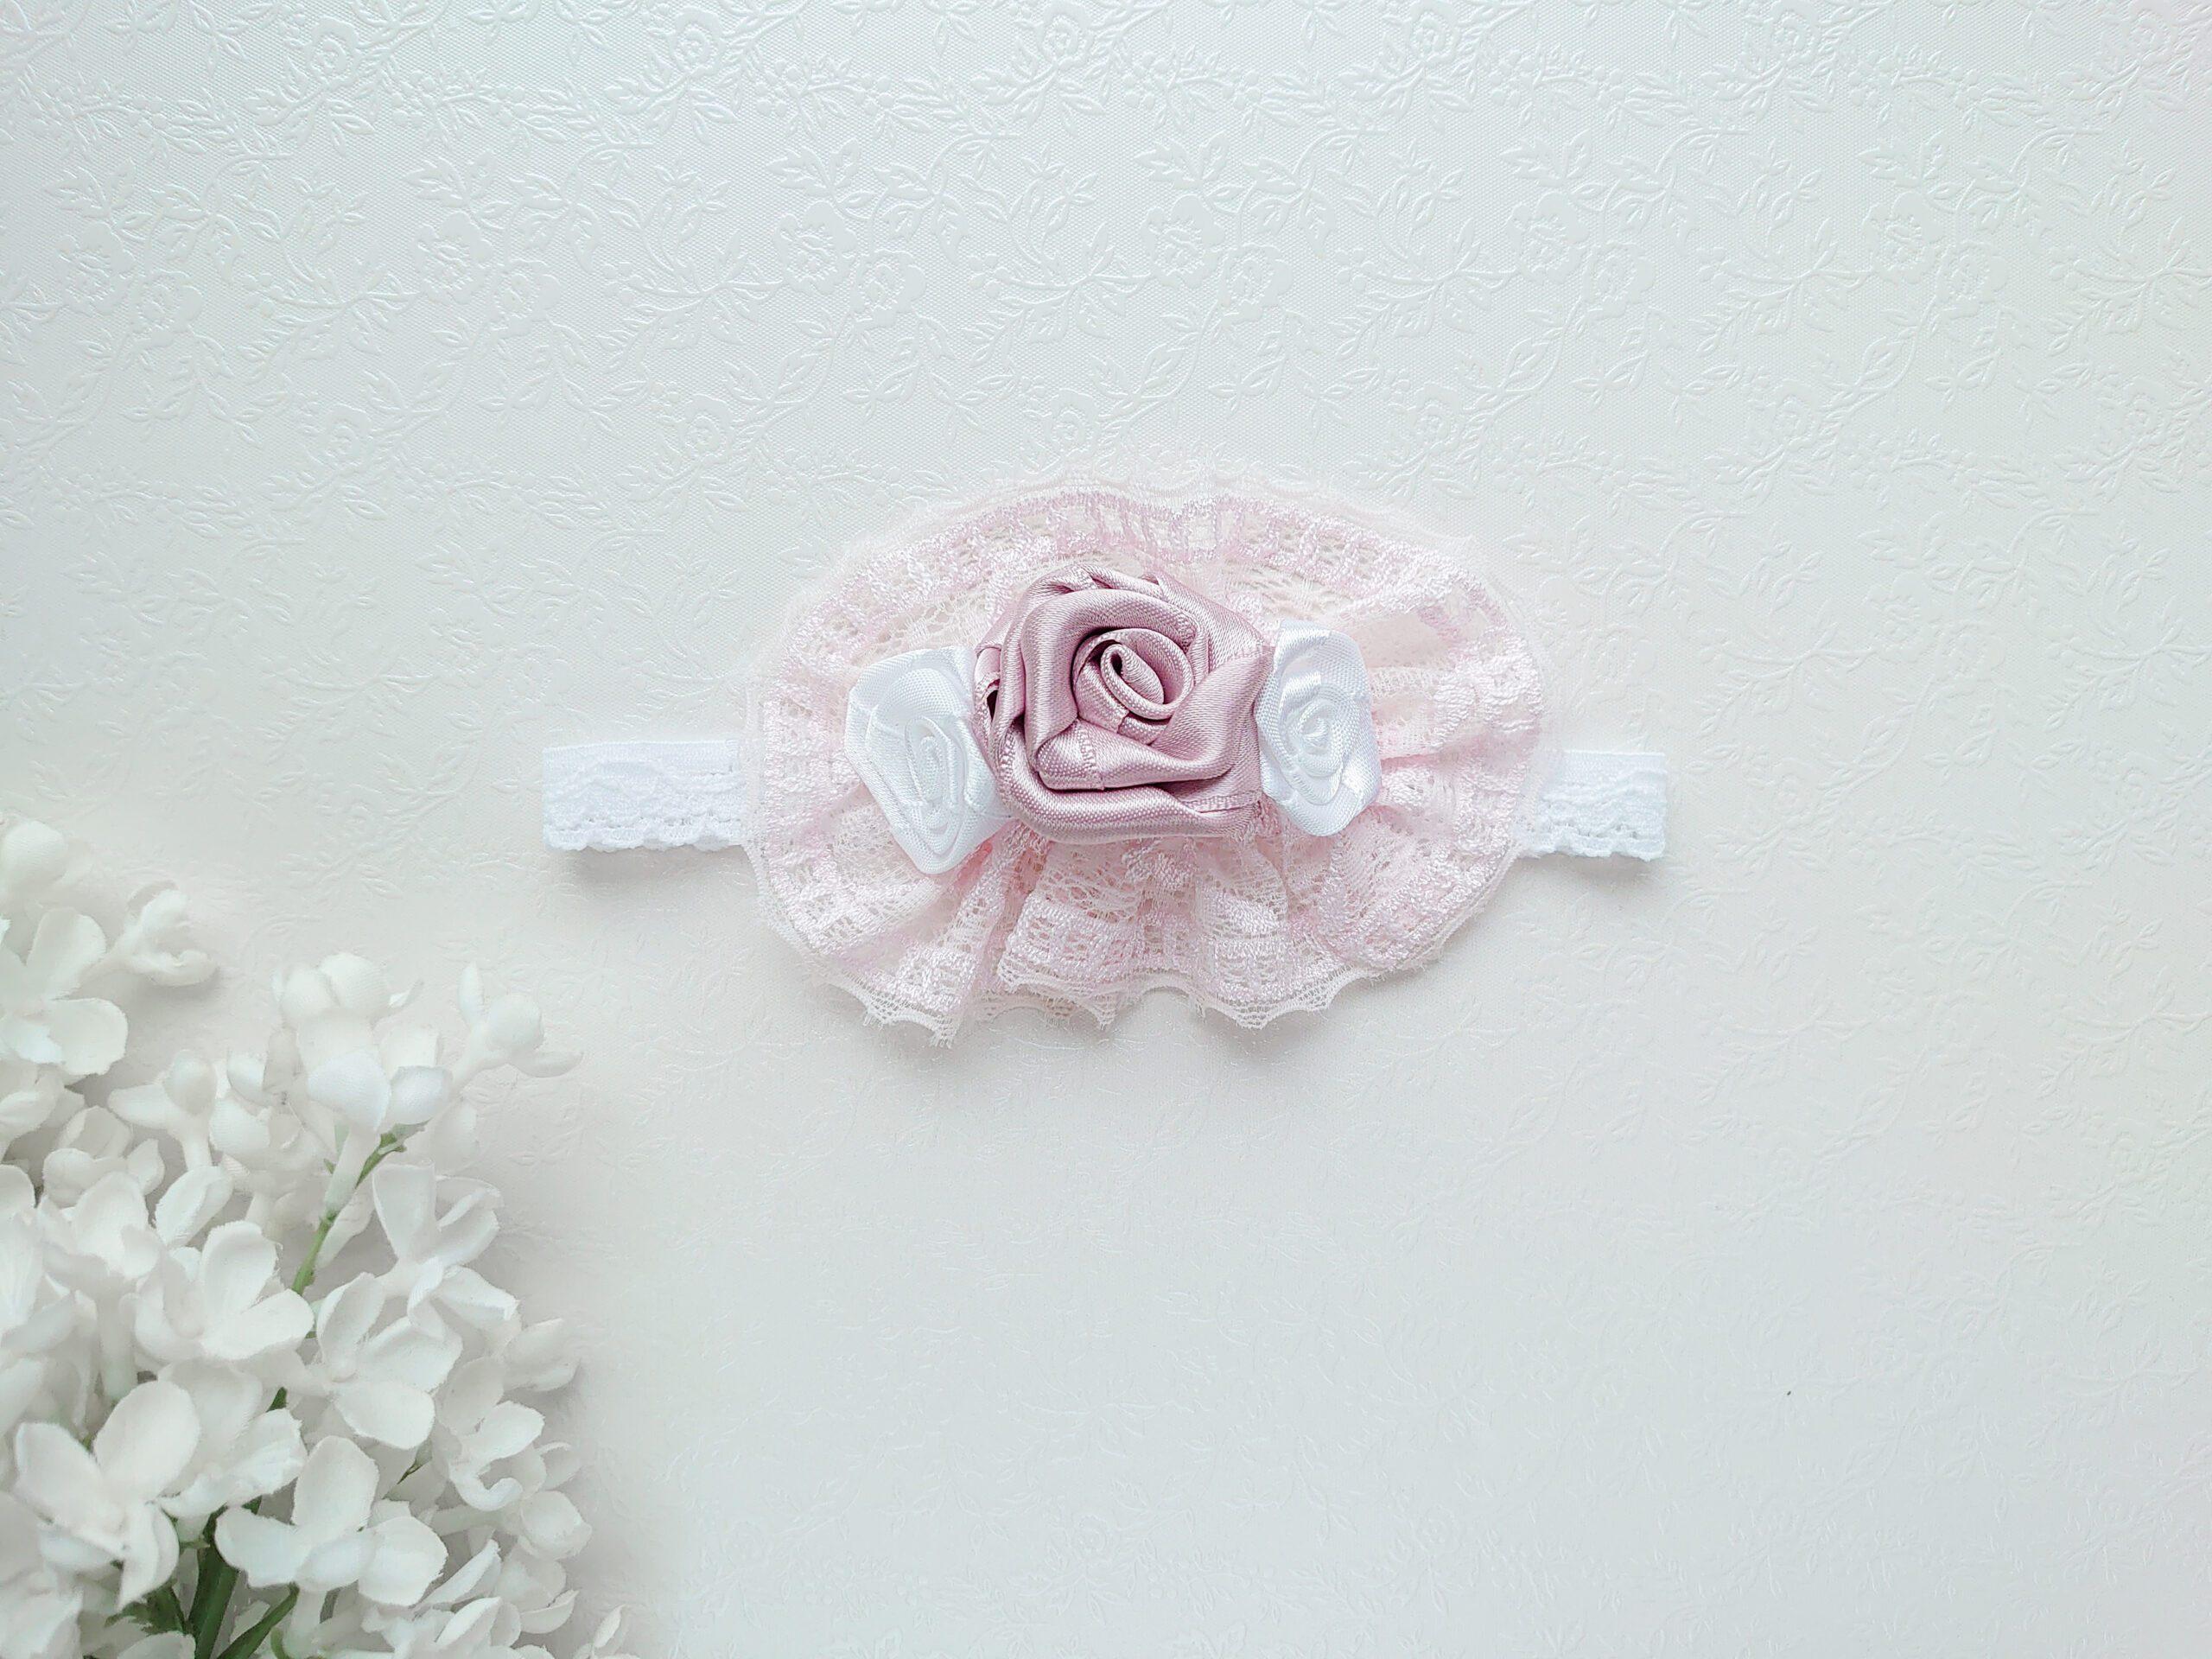 Kaunis ja luksuslik beebi peapael vanaroosa, nude roosa roosi ja valgete roosidega ning pitsiga